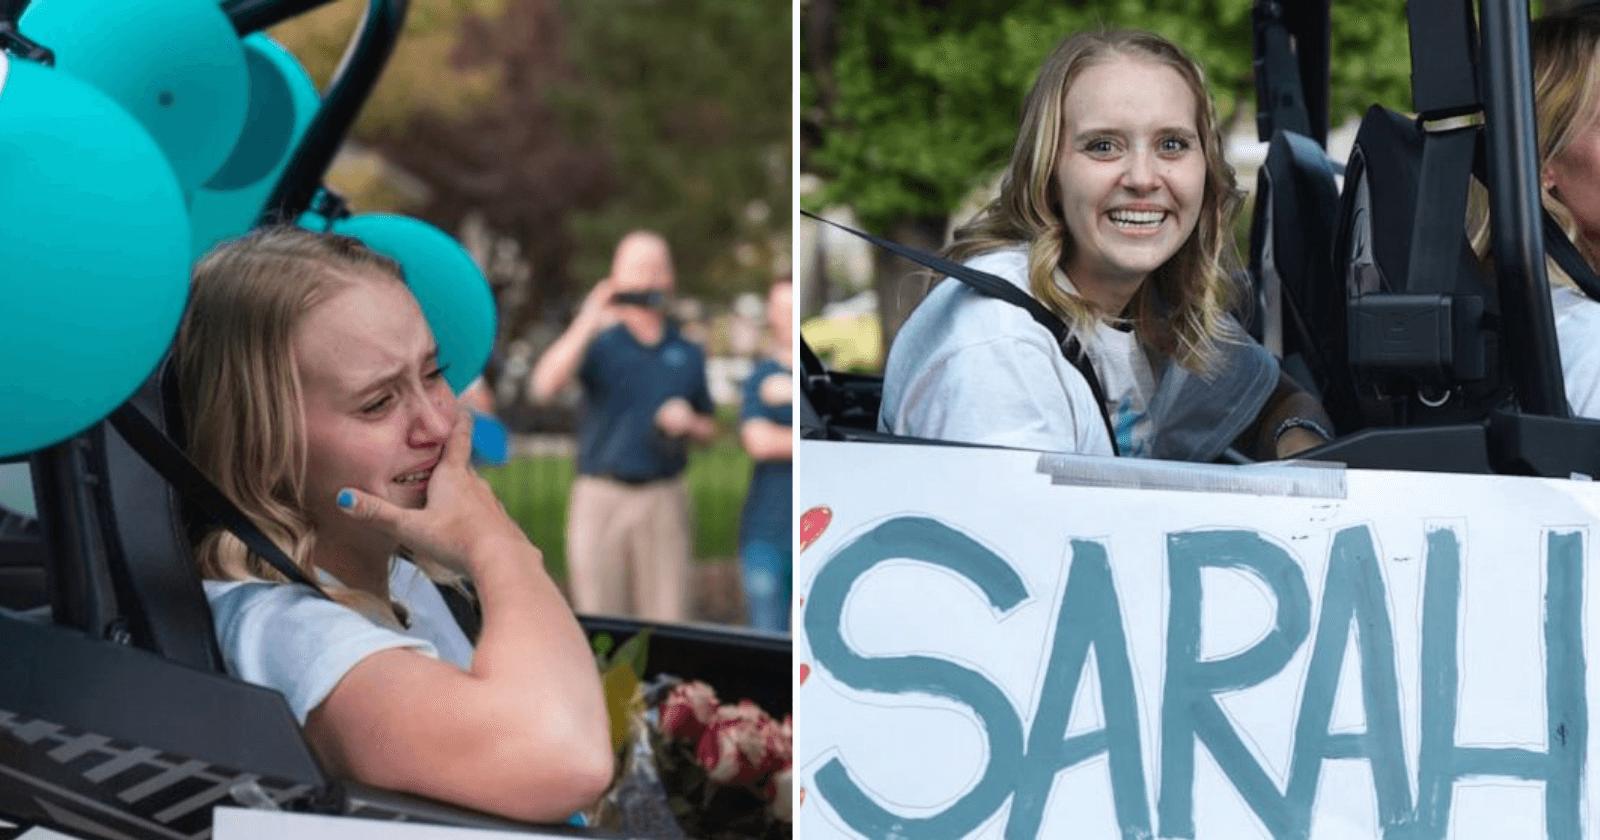 Vizinhos se reúnem, fecham rua e fazem recepção épica para garota com paralisia